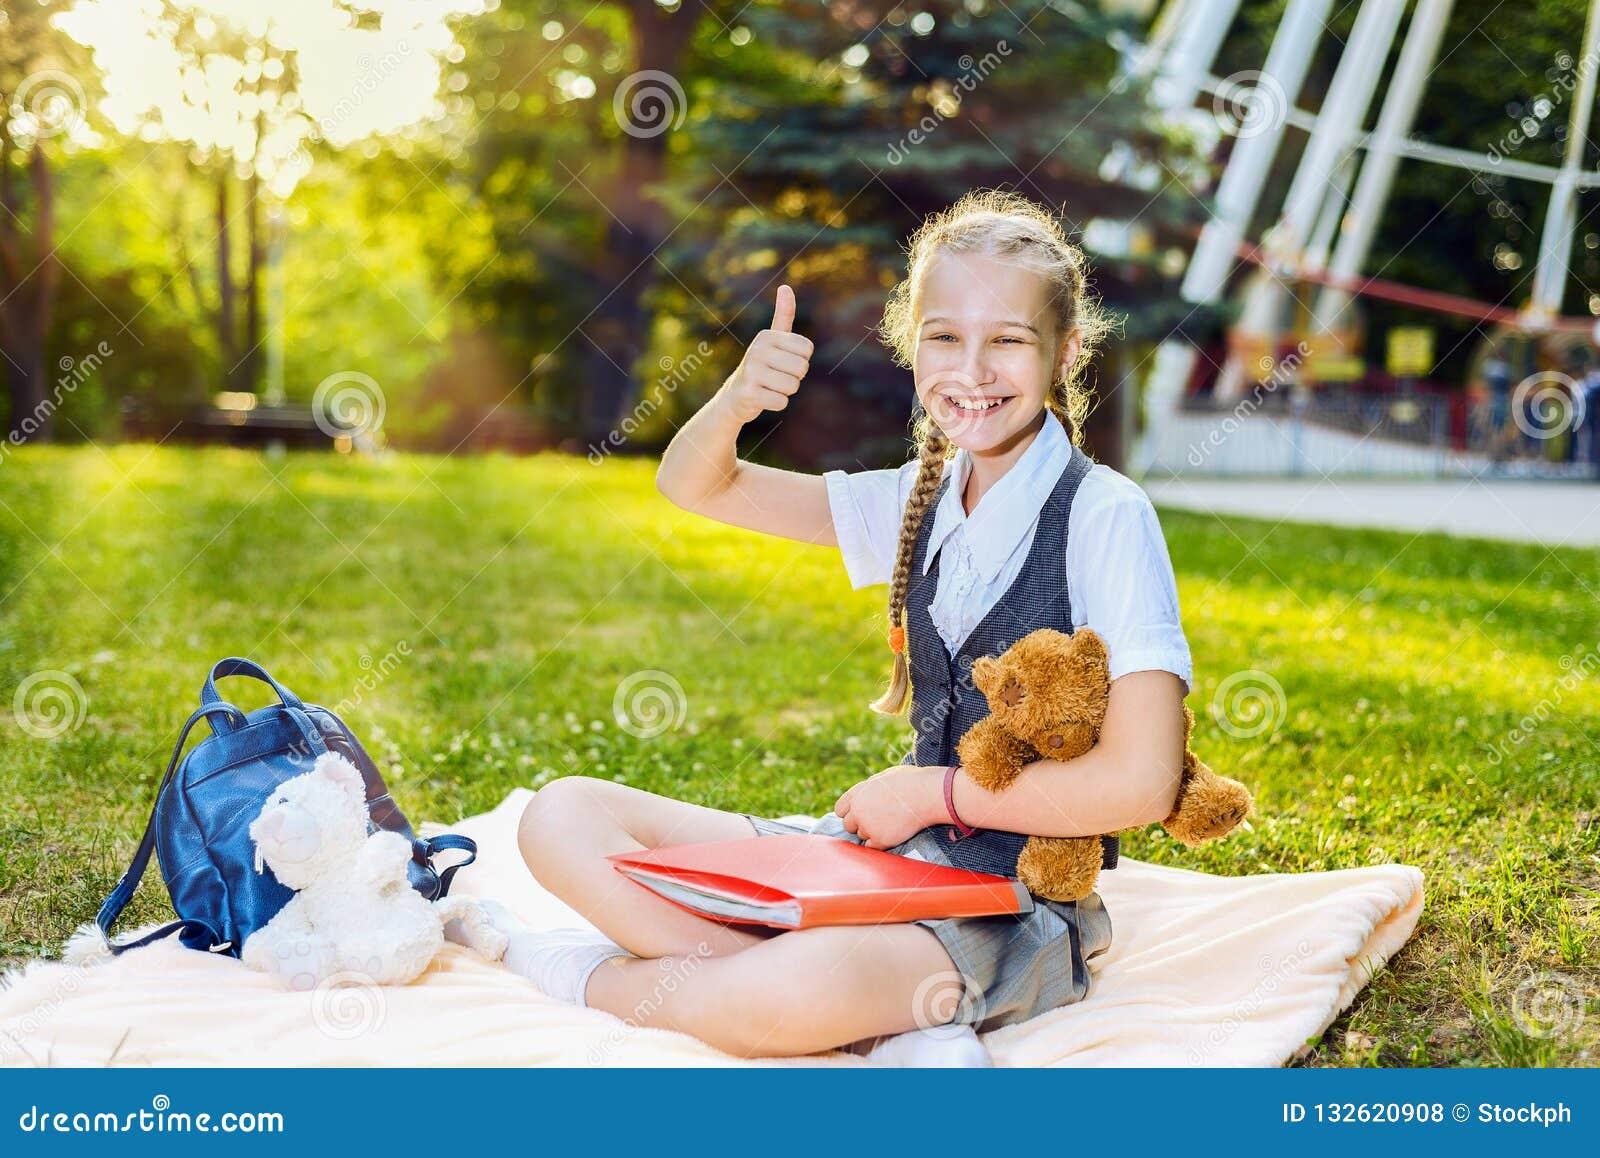 Большой палец руки студента школьницы счастливый усмехаясь показывая вверх сидит на одеяле в парке на солнечный день подросток де